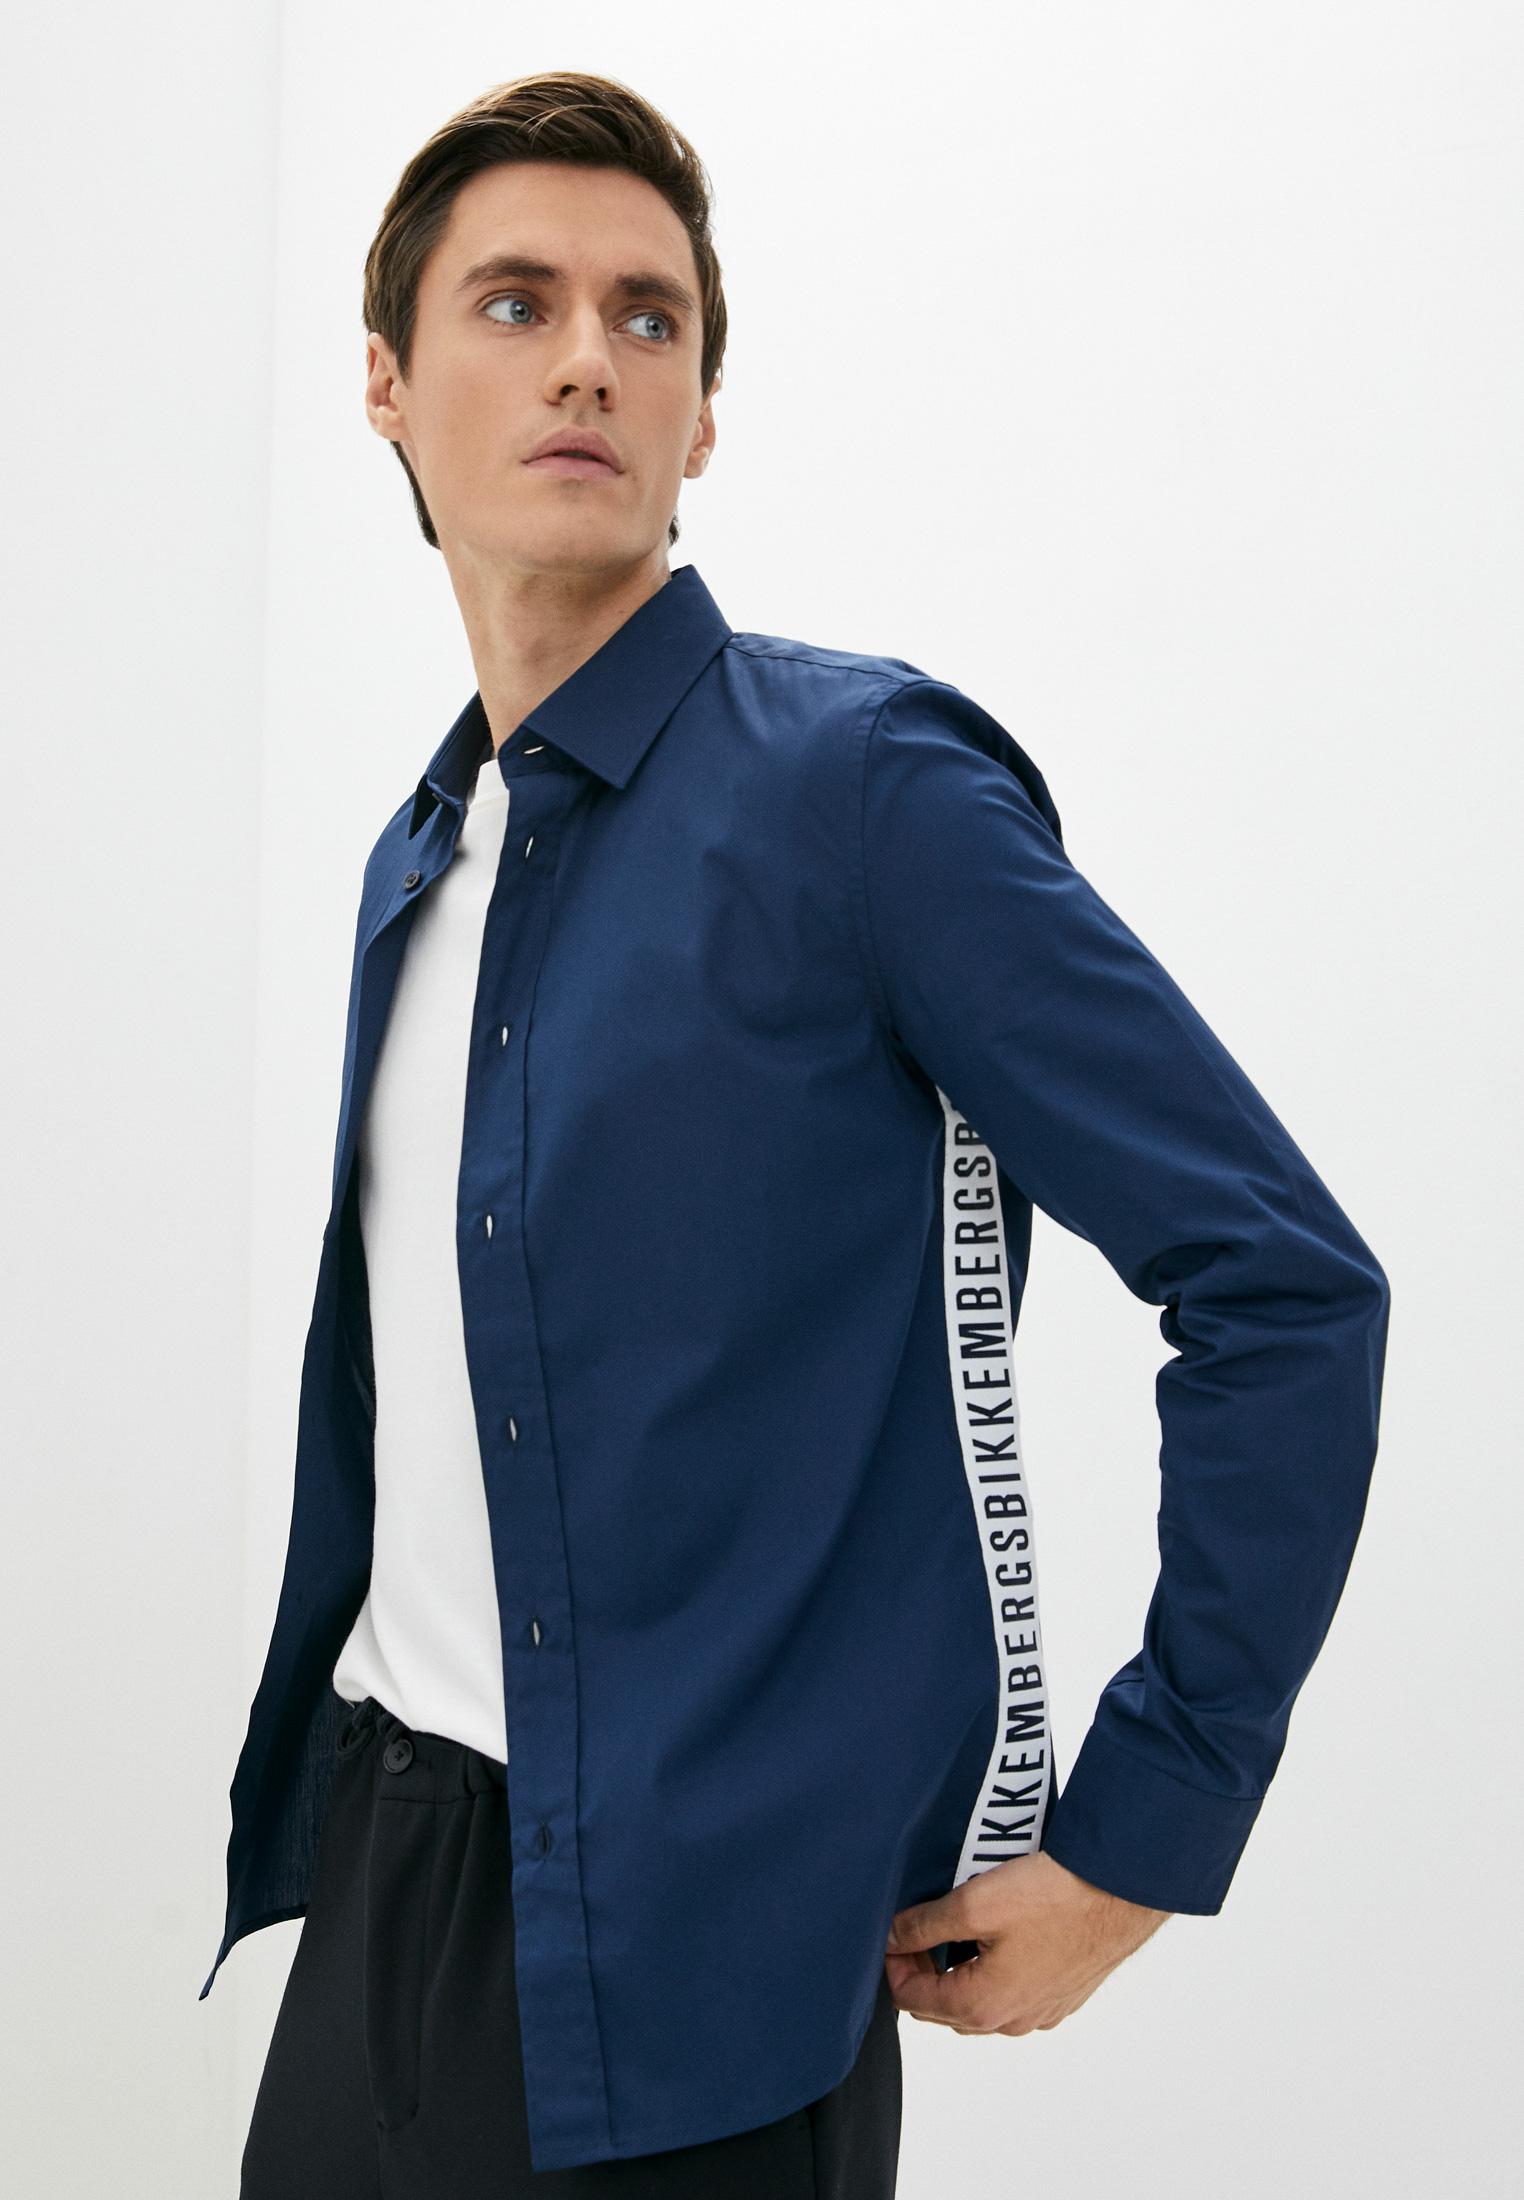 Рубашка с длинным рукавом Bikkembergs (Биккембергс) C C 055 81 S 2931: изображение 6